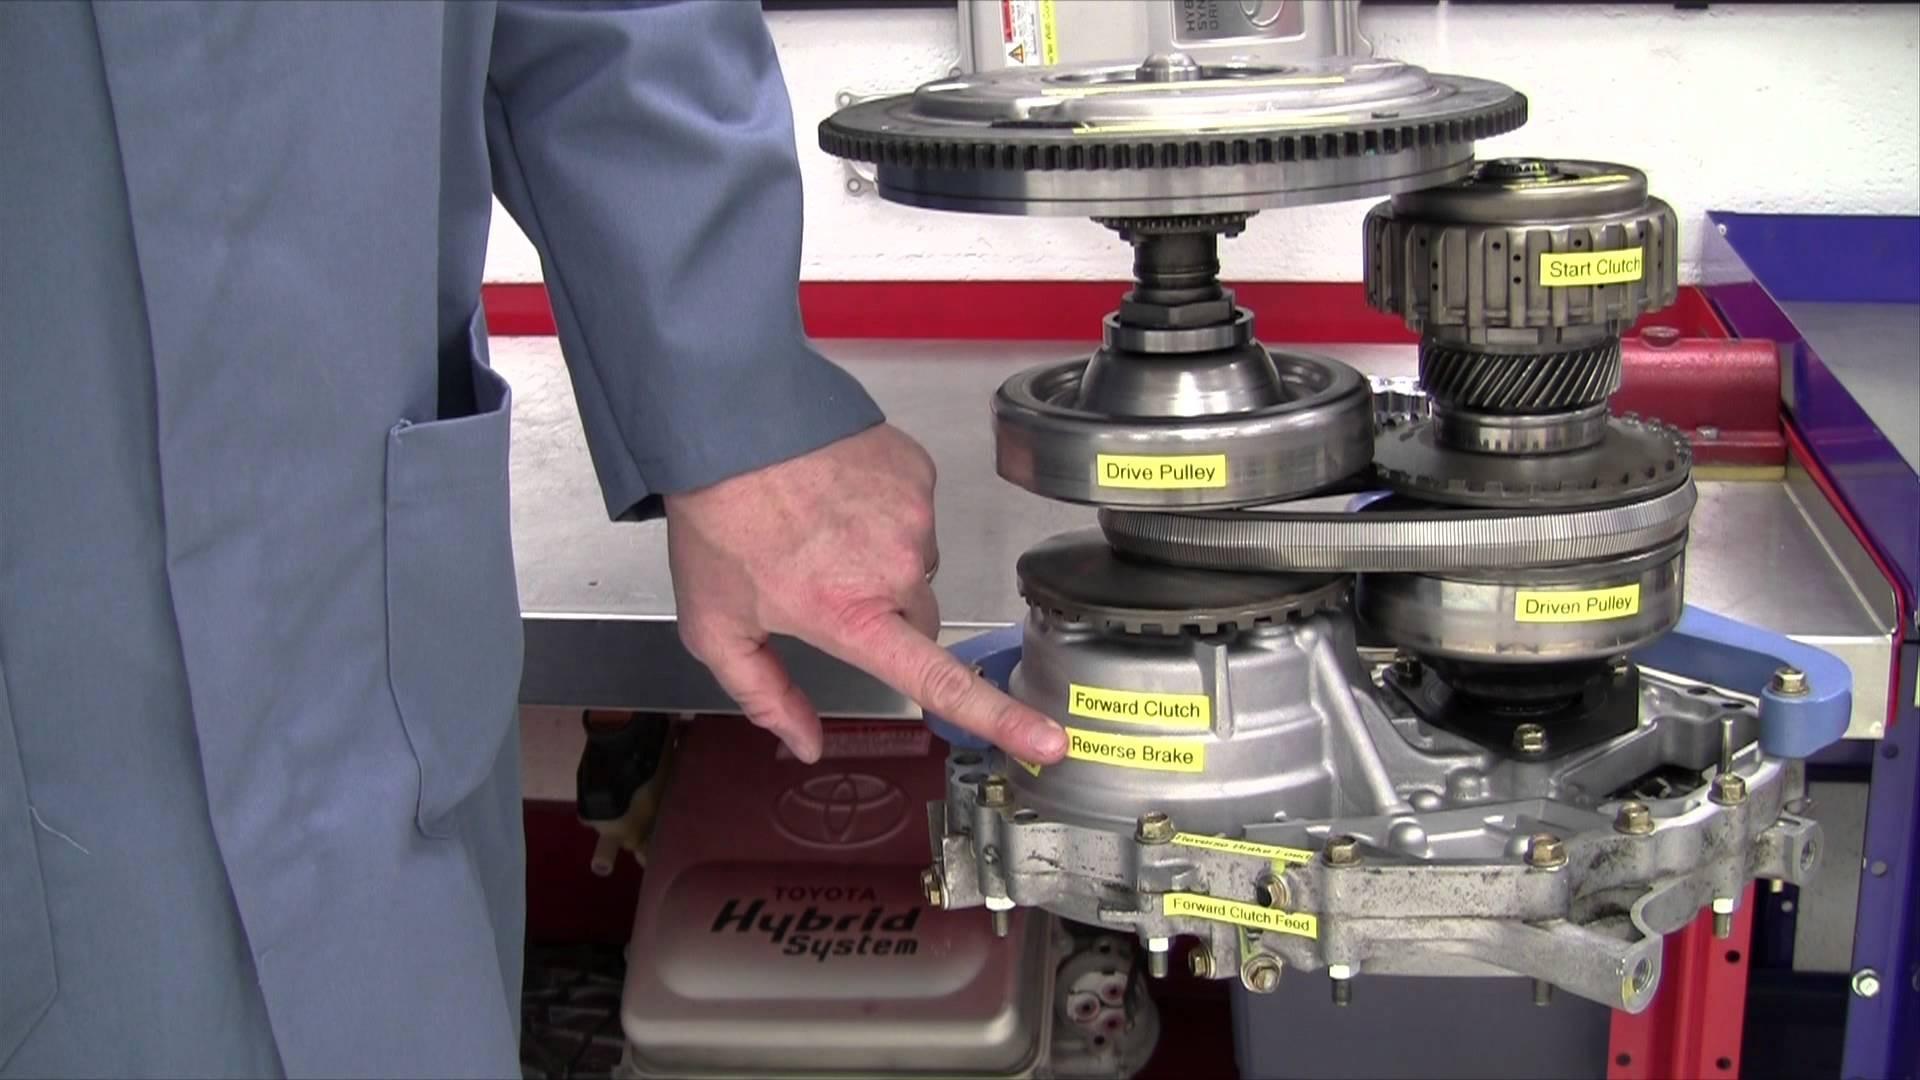 Cvt Transmission Diagram Honda Civic Cvt Transaxle Operation Of Cvt Transmission  Diagram Esaabparts Saab 9000 Transmission